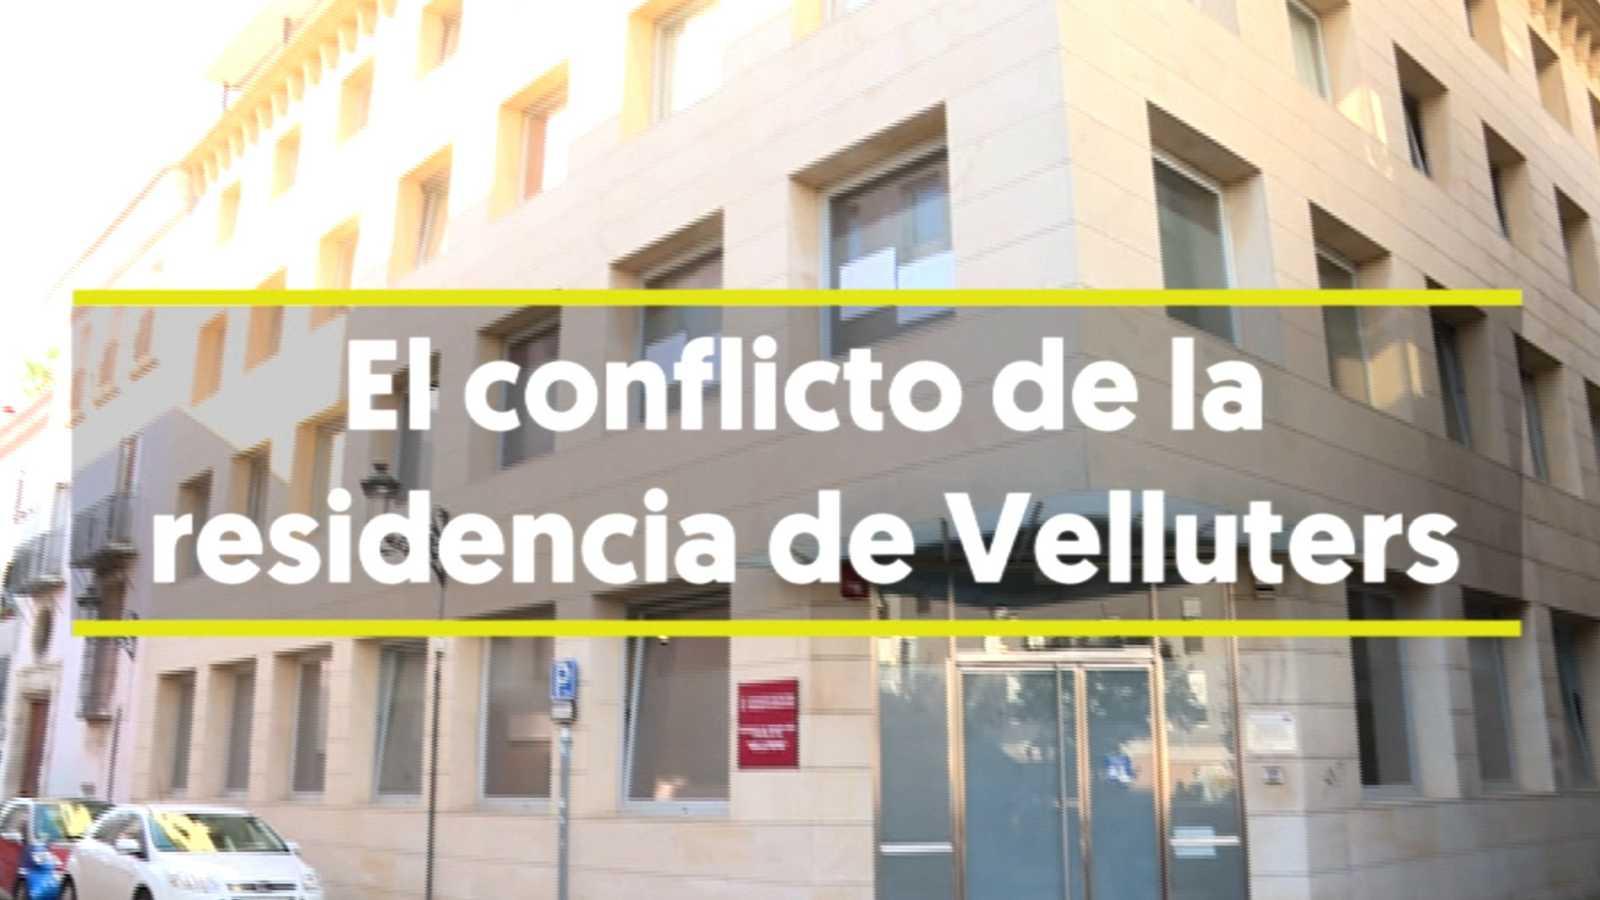 El conflicto de la residencia de Velluters